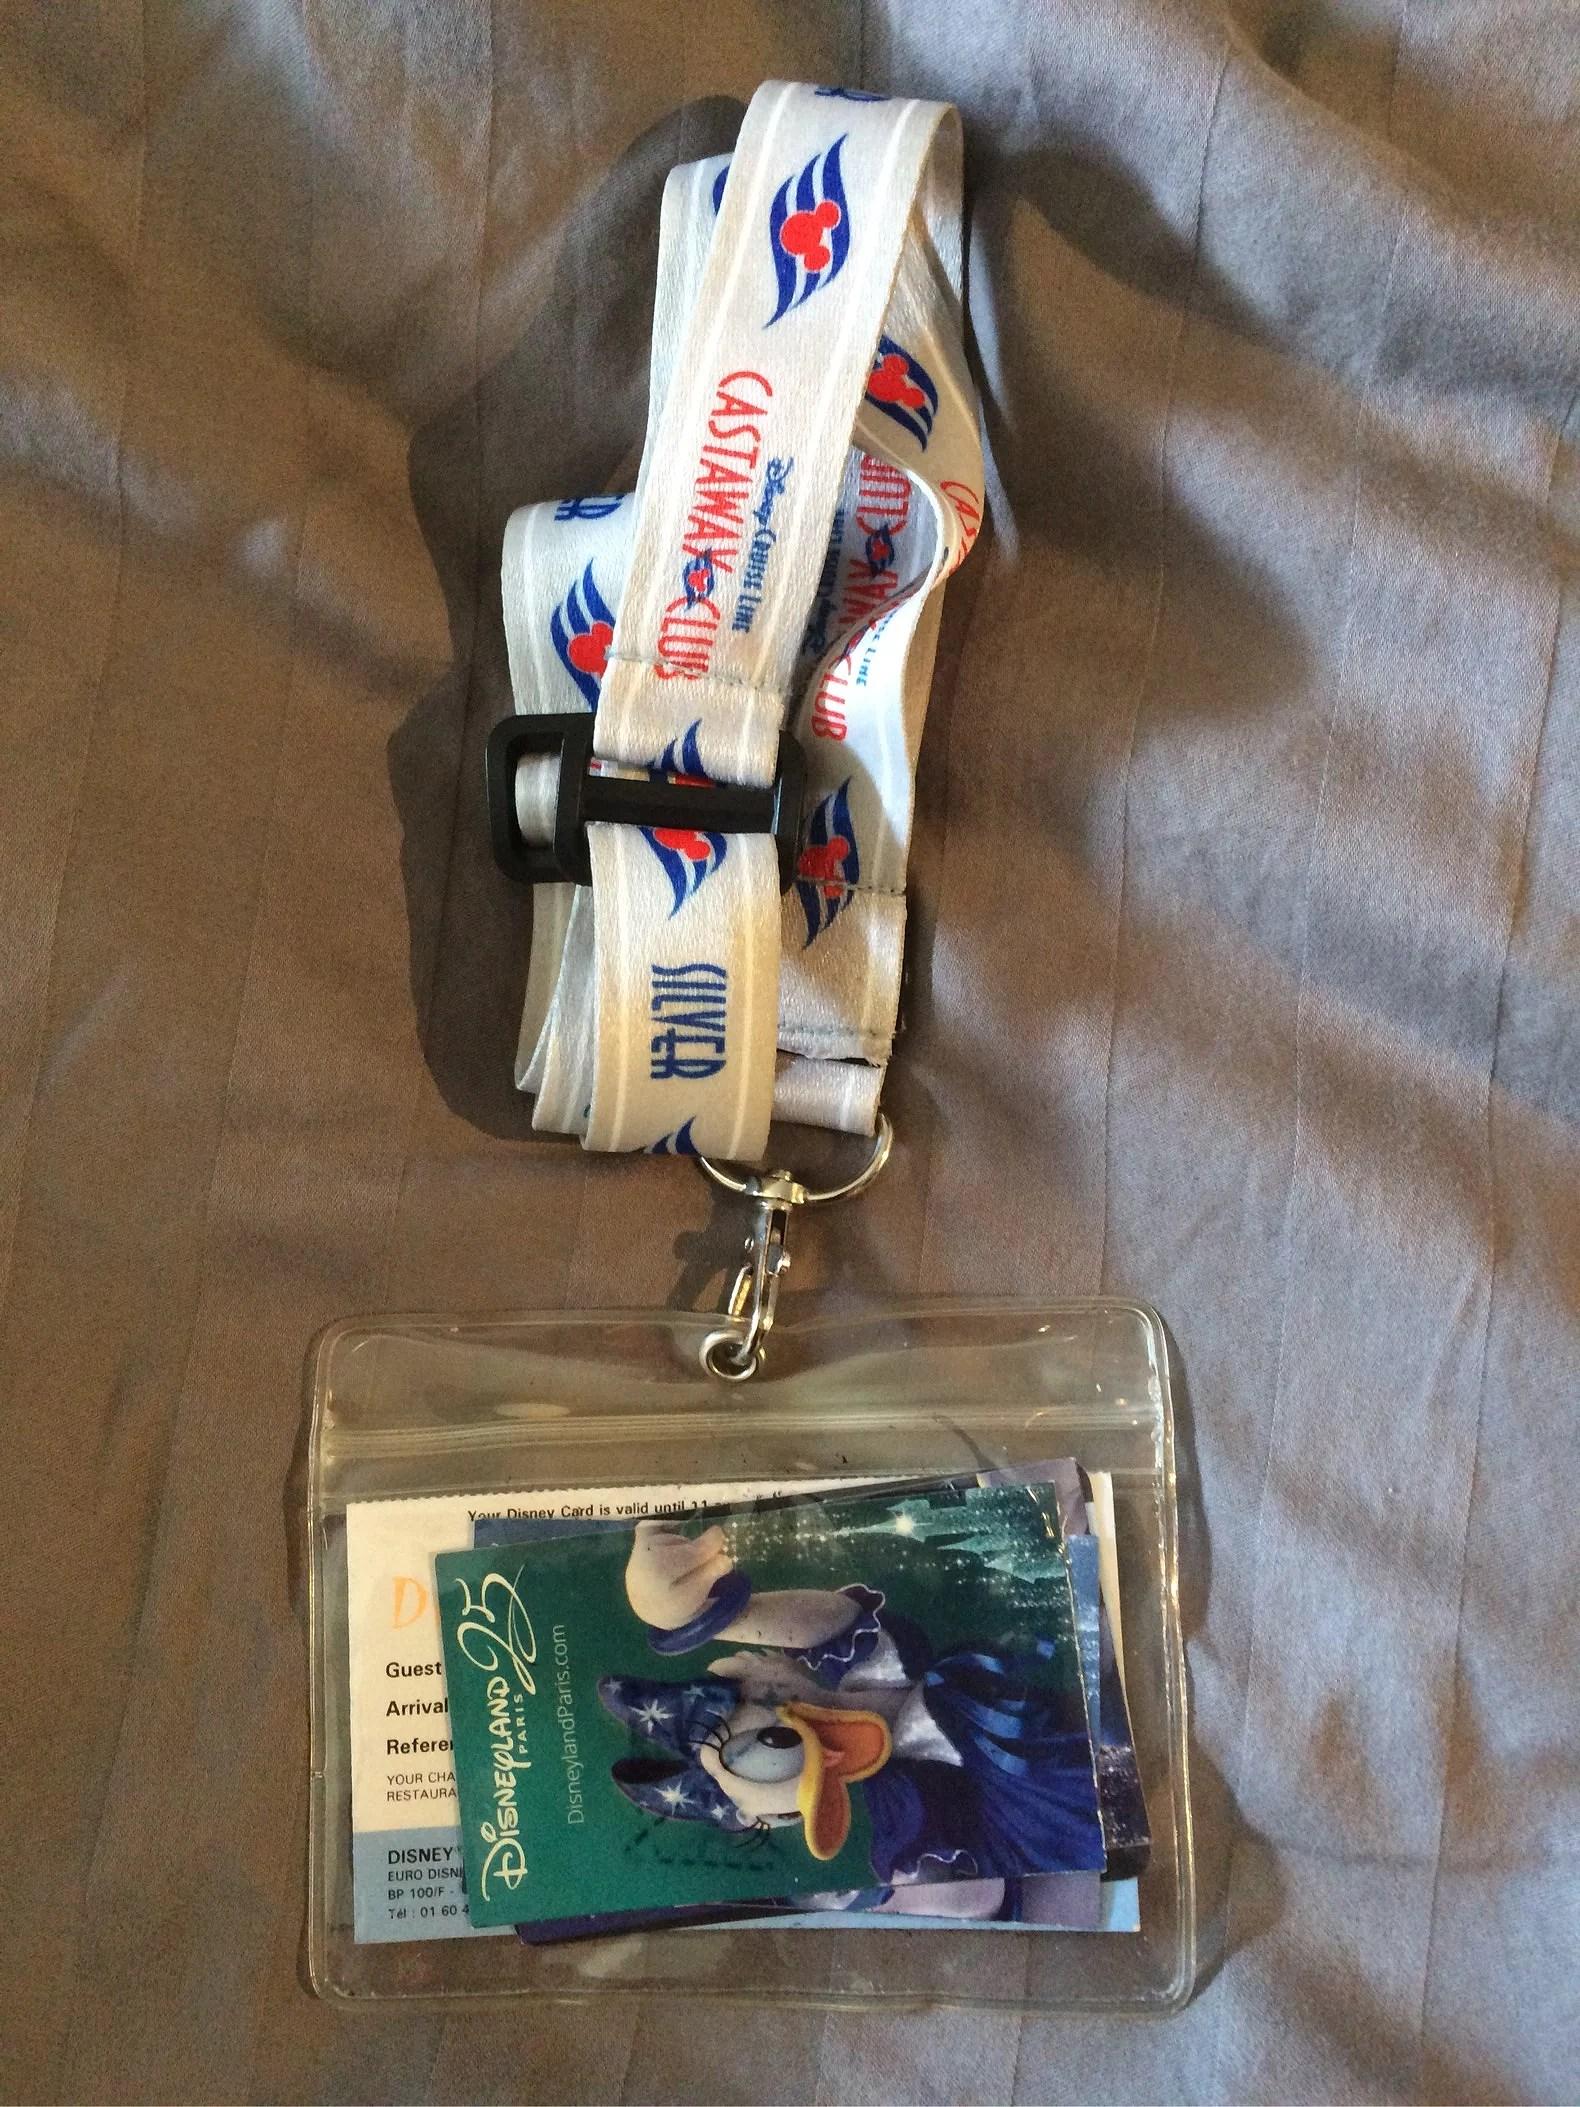 Bra att ta med till Disneyland Paris del 10 - nyckelband med plastficka (EuroDisney)